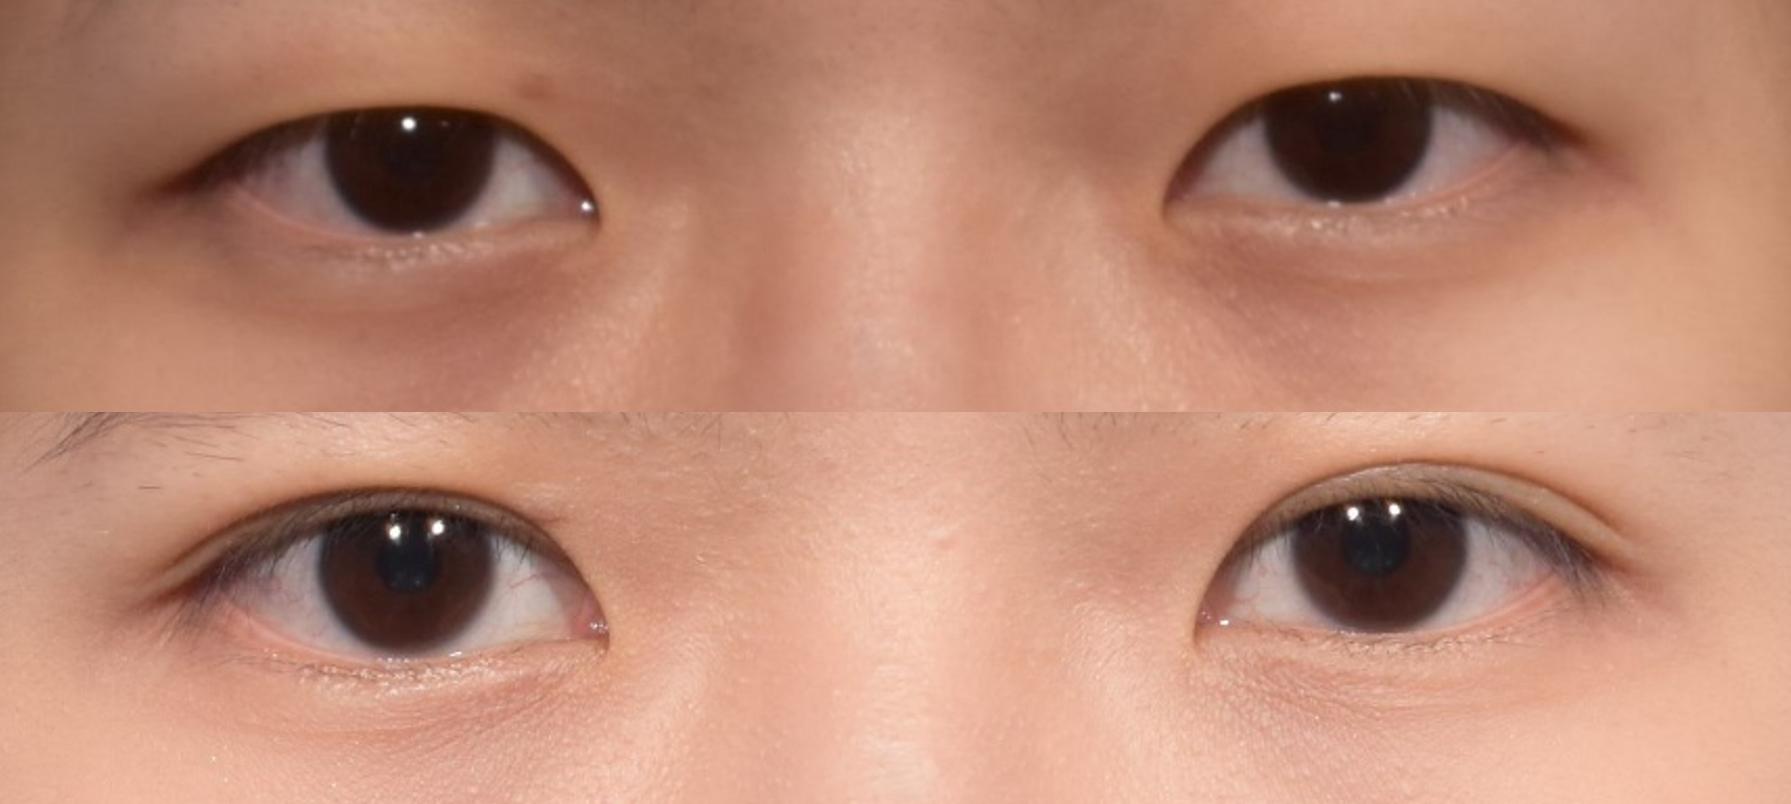 告別想睡單眼皮! 到底雙眼皮用「割的」還是「縫的」好呢?